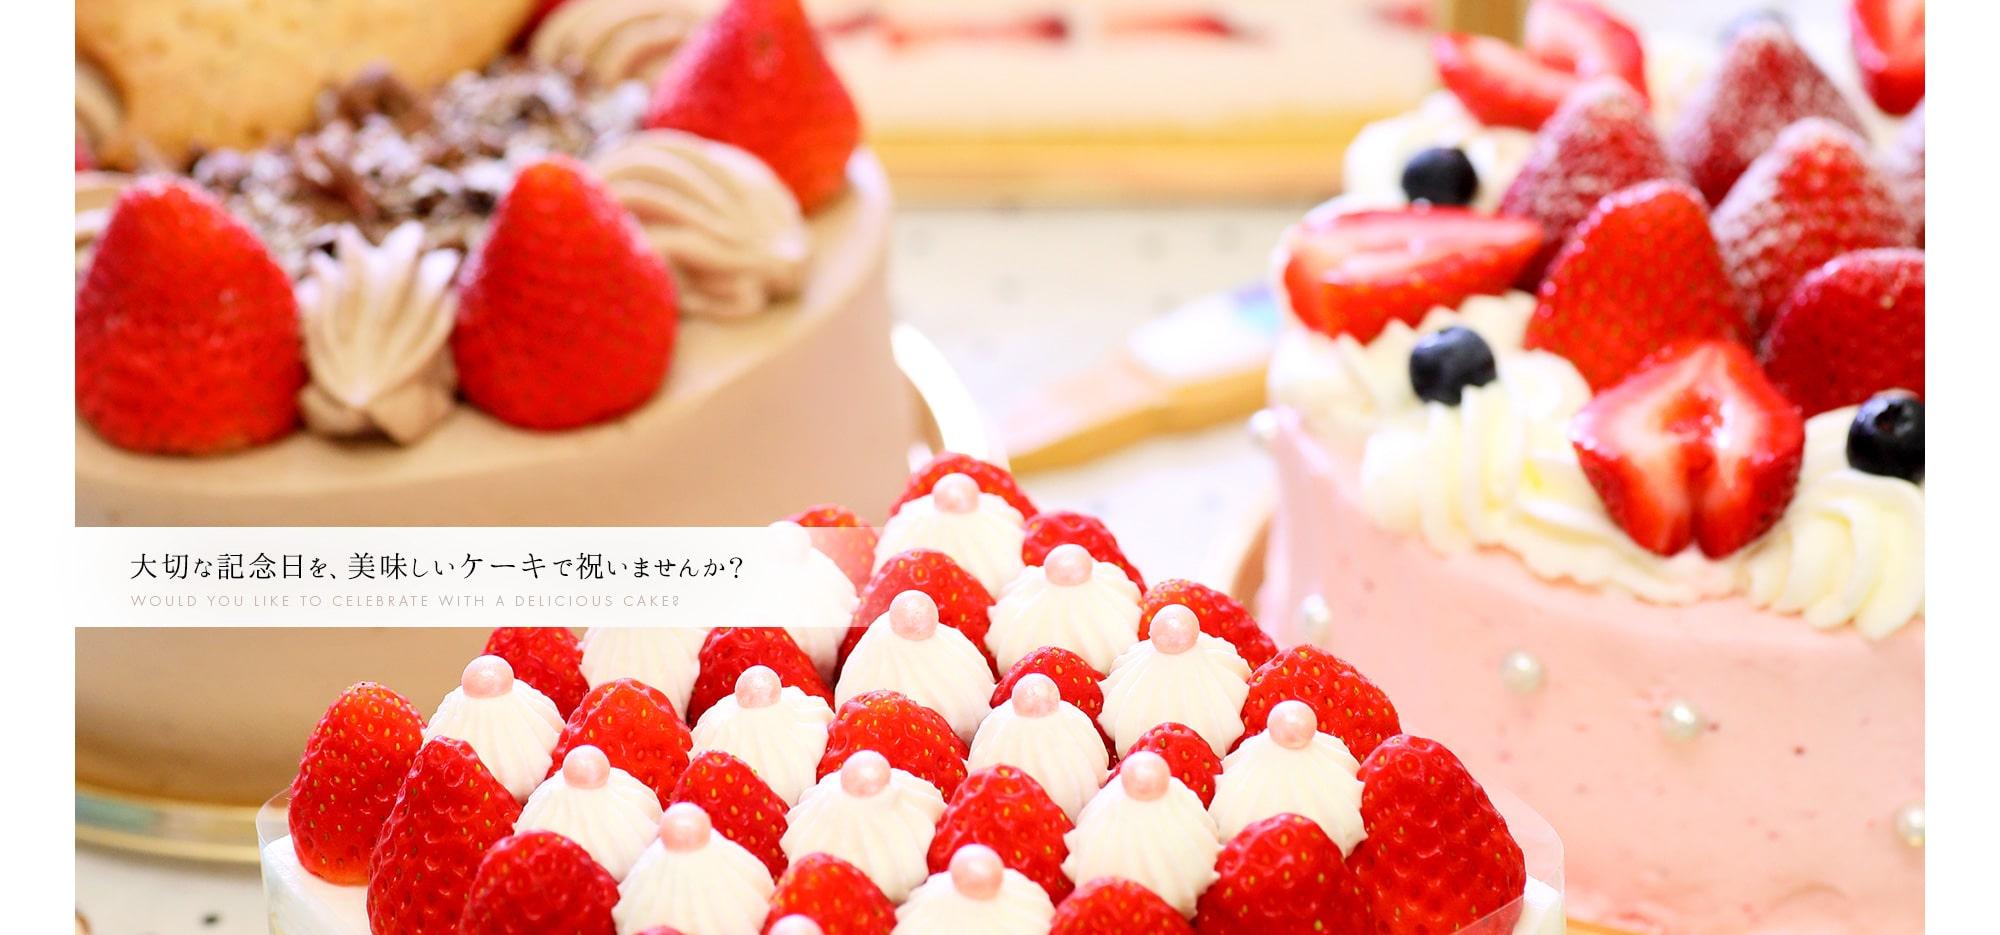 大切な記念日を、美味しいケーキで祝いませんか?